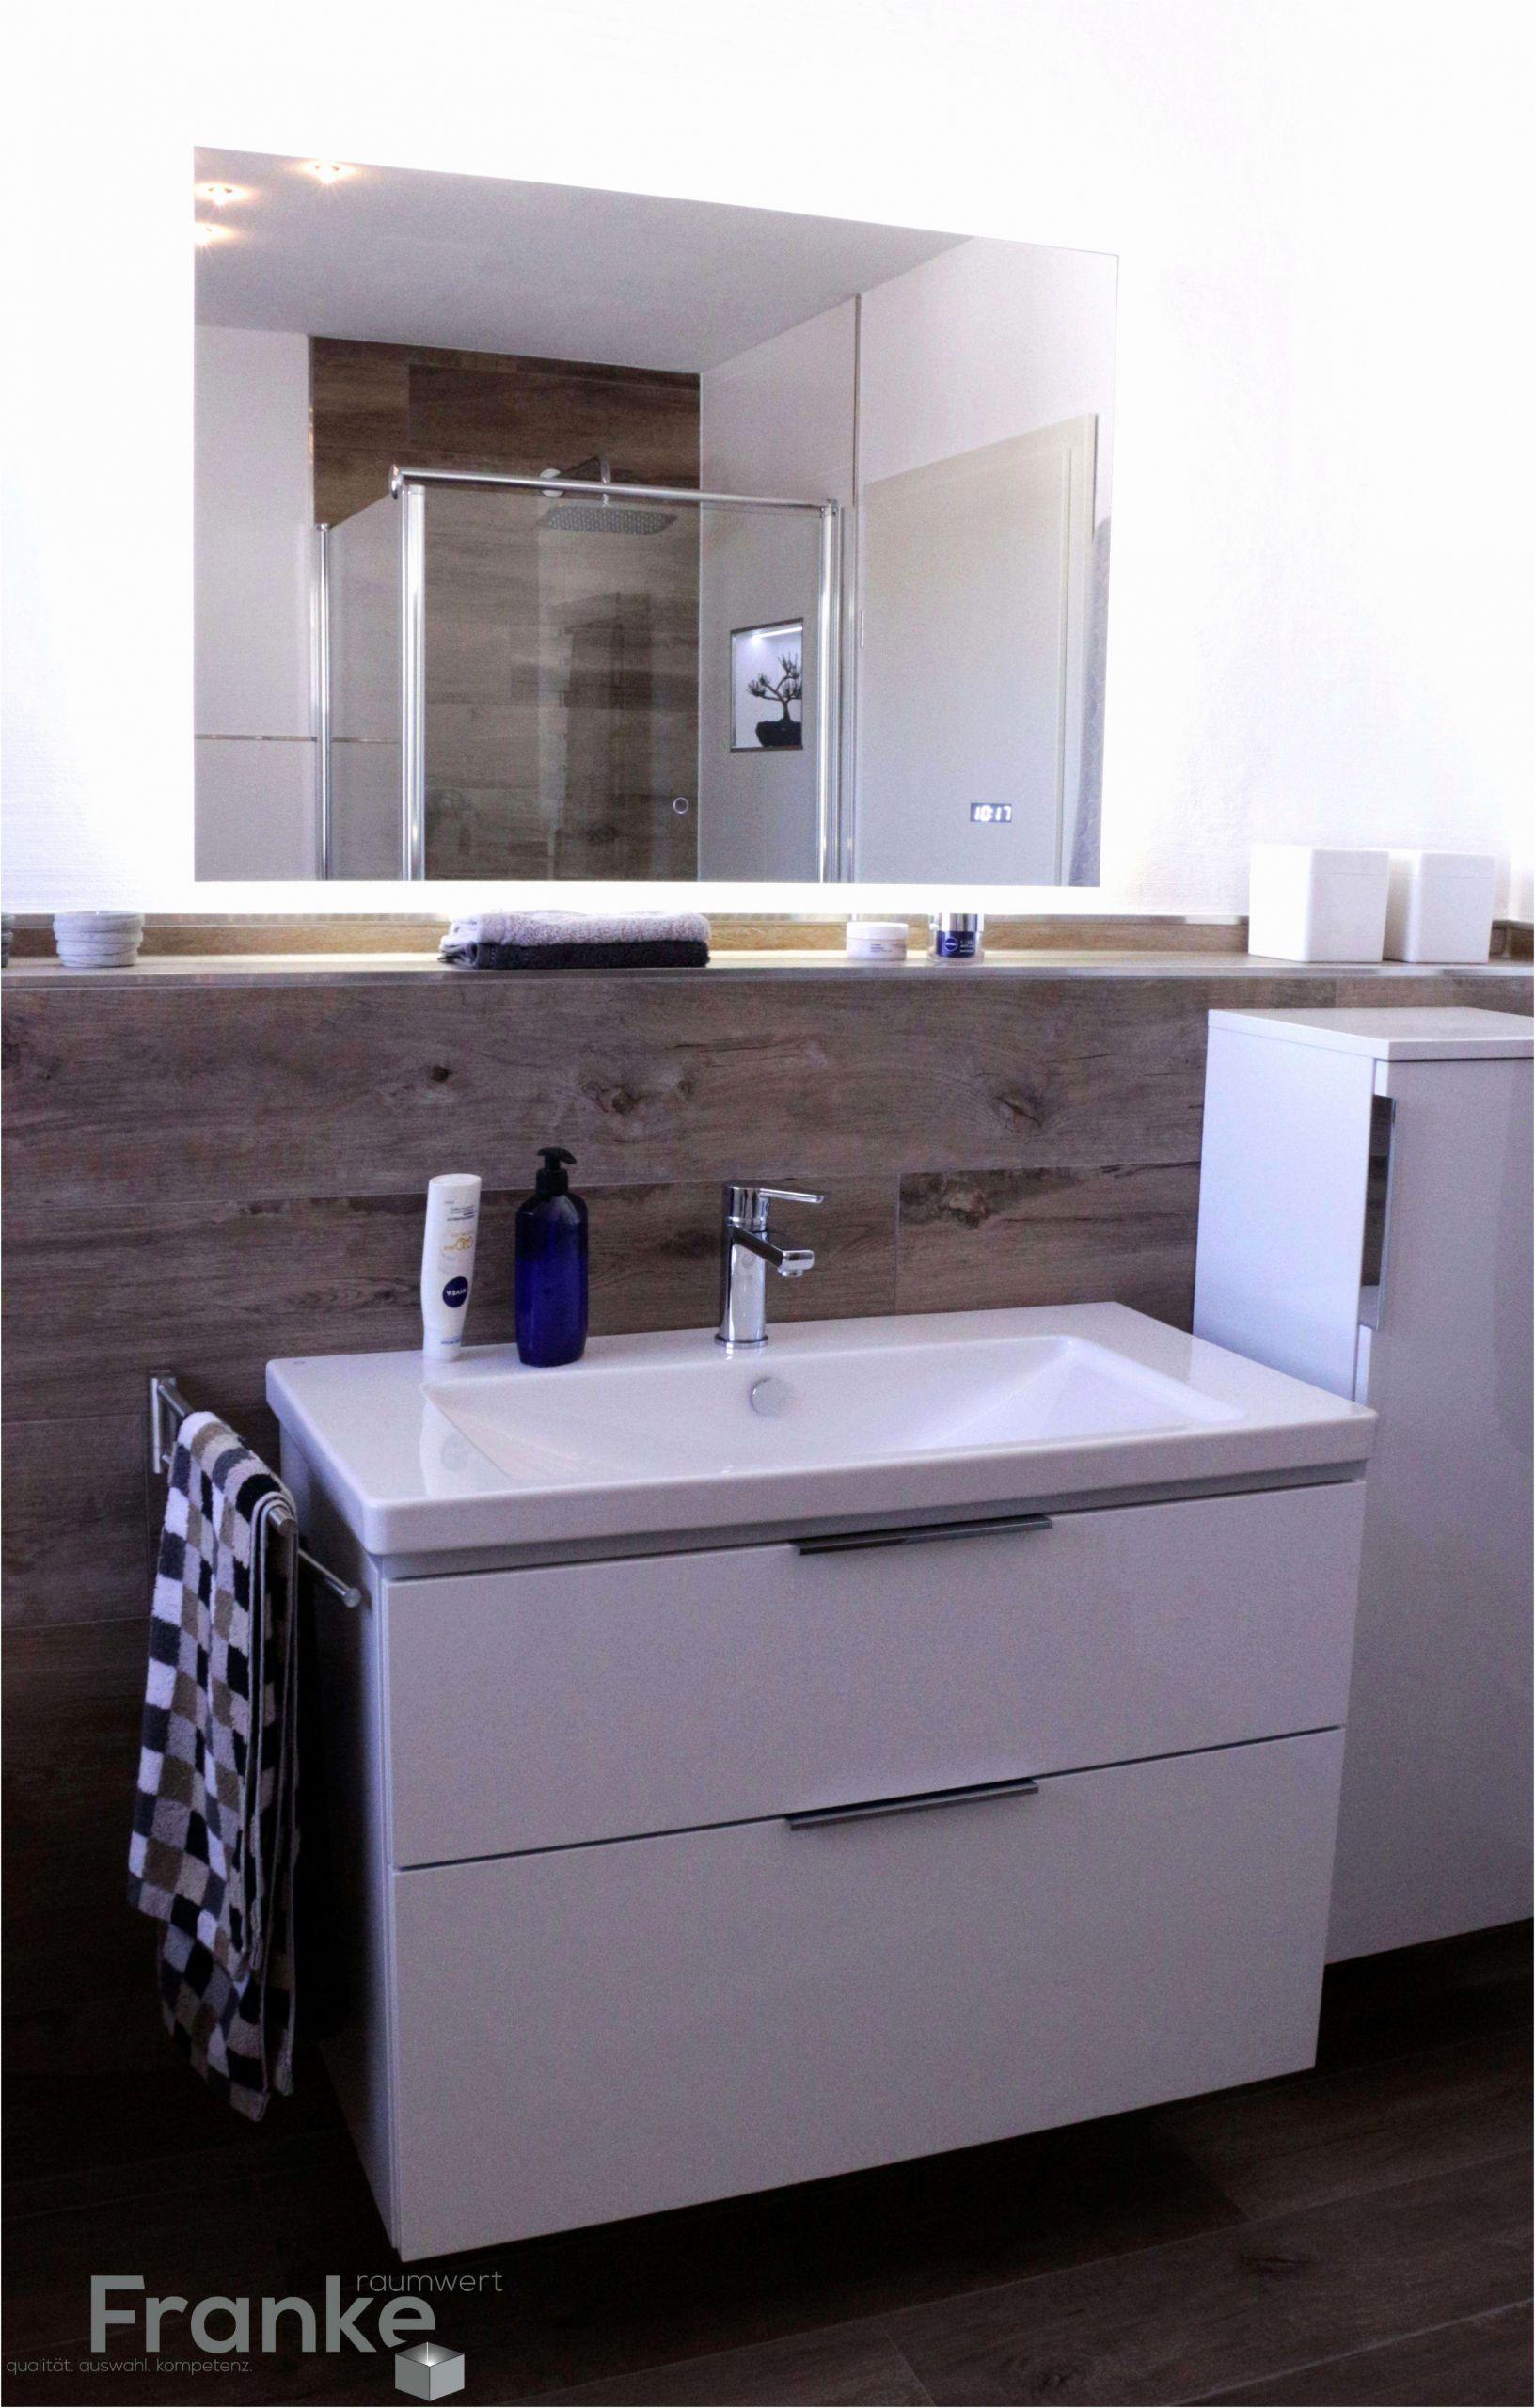 waschbecken luxus awesome luxus badmbel waschtisch verbau atrium waschbecken fur hauswirtschaftsraum waschbecken fur hauswirtschaftsraum